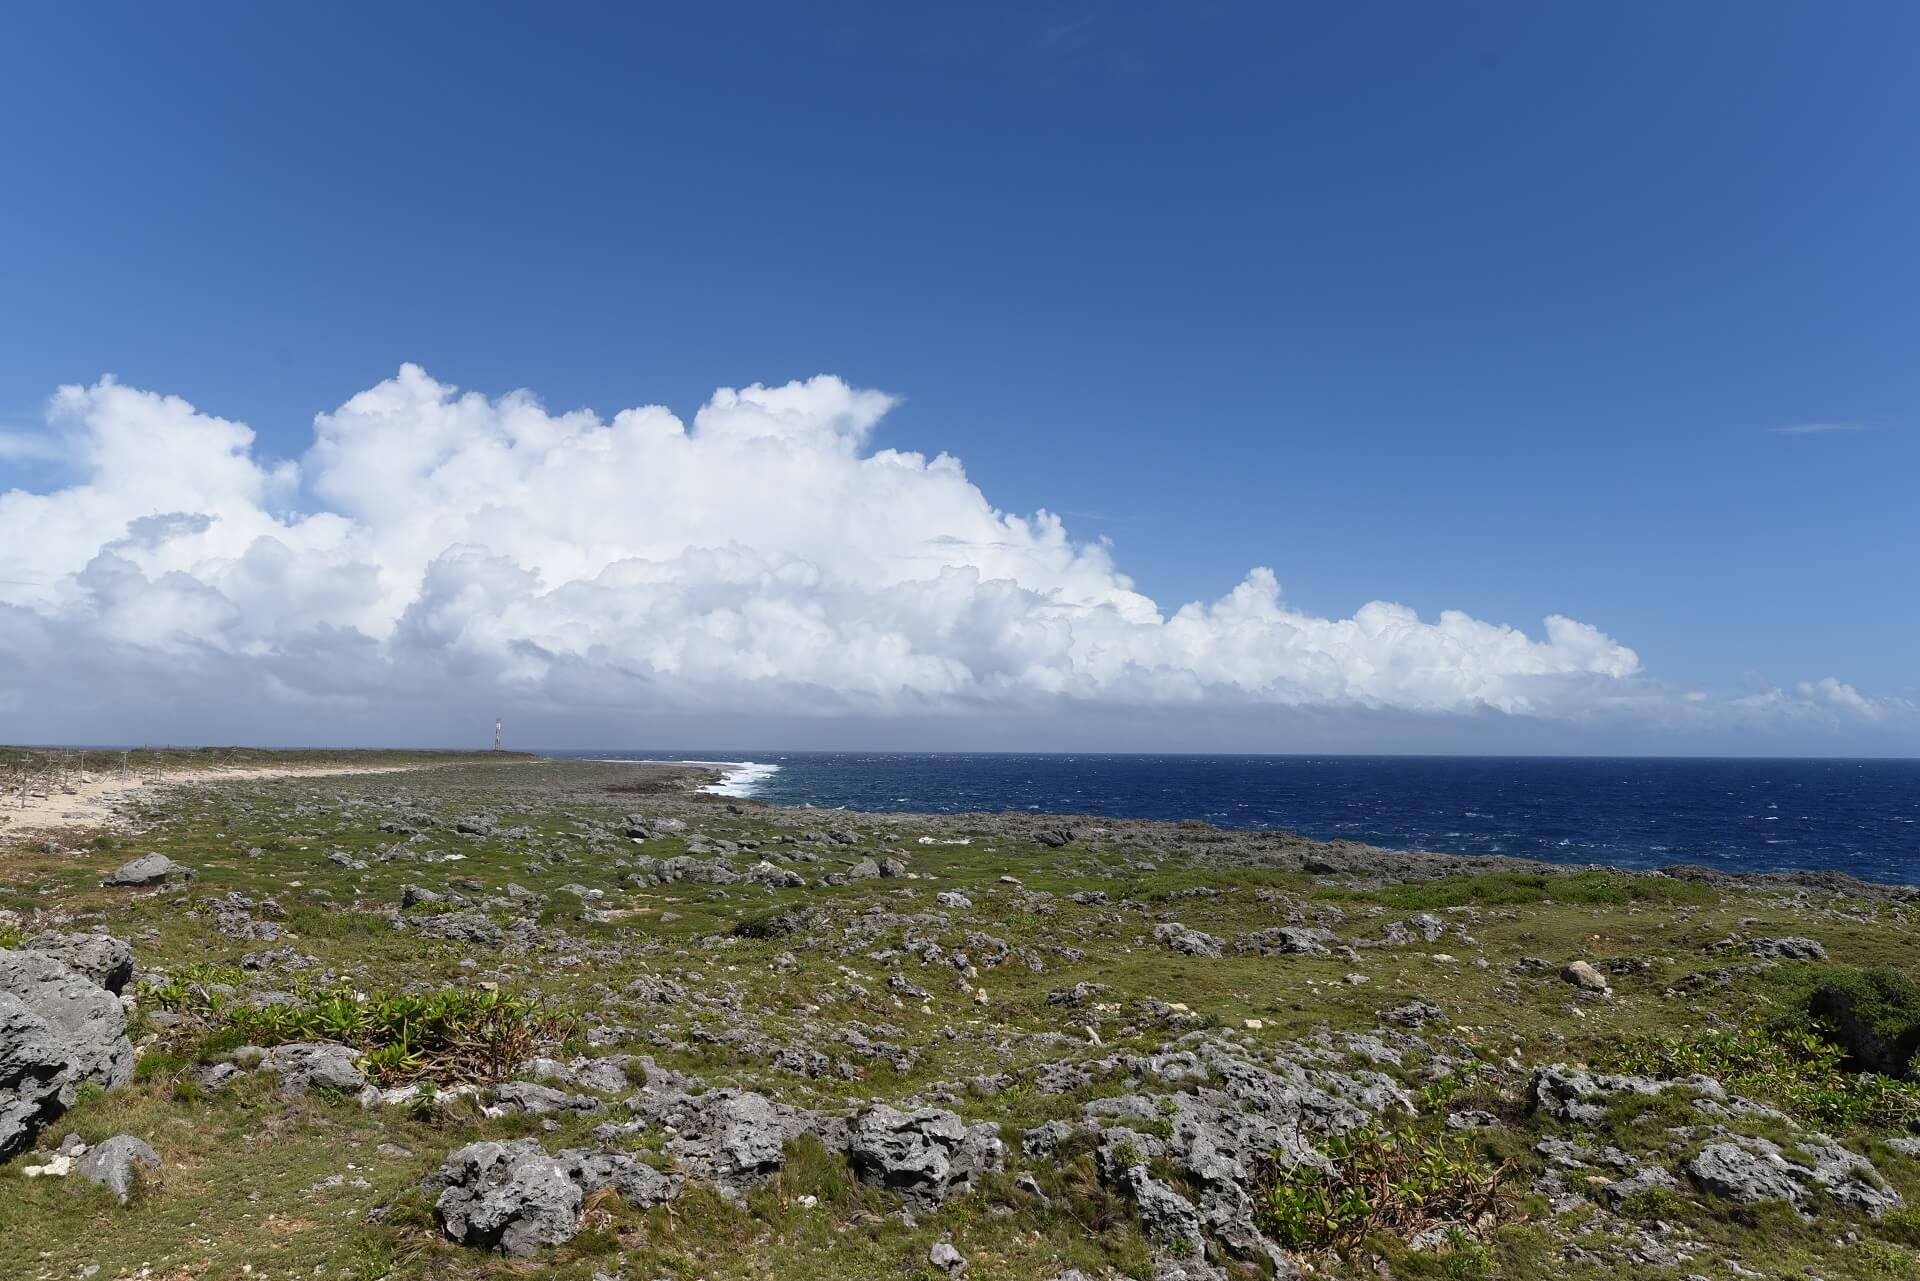 波照間島の断崖絶壁と青空